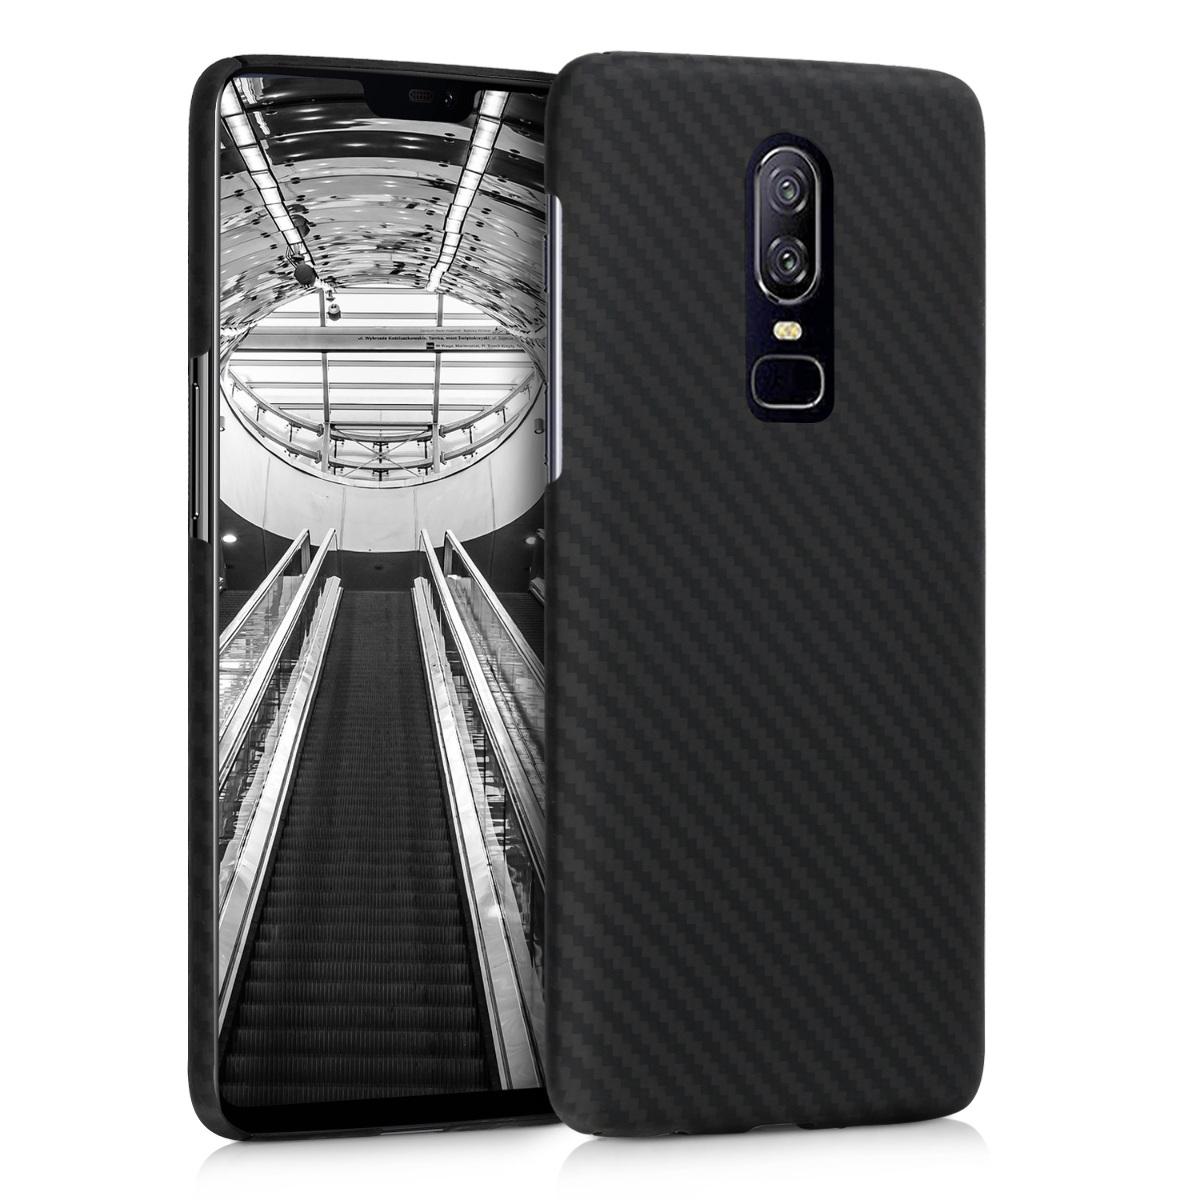 Kalibri Aramid Fiber Body - Σκληρή Θήκη OnePlus 6 - Black Matte (46474.47)